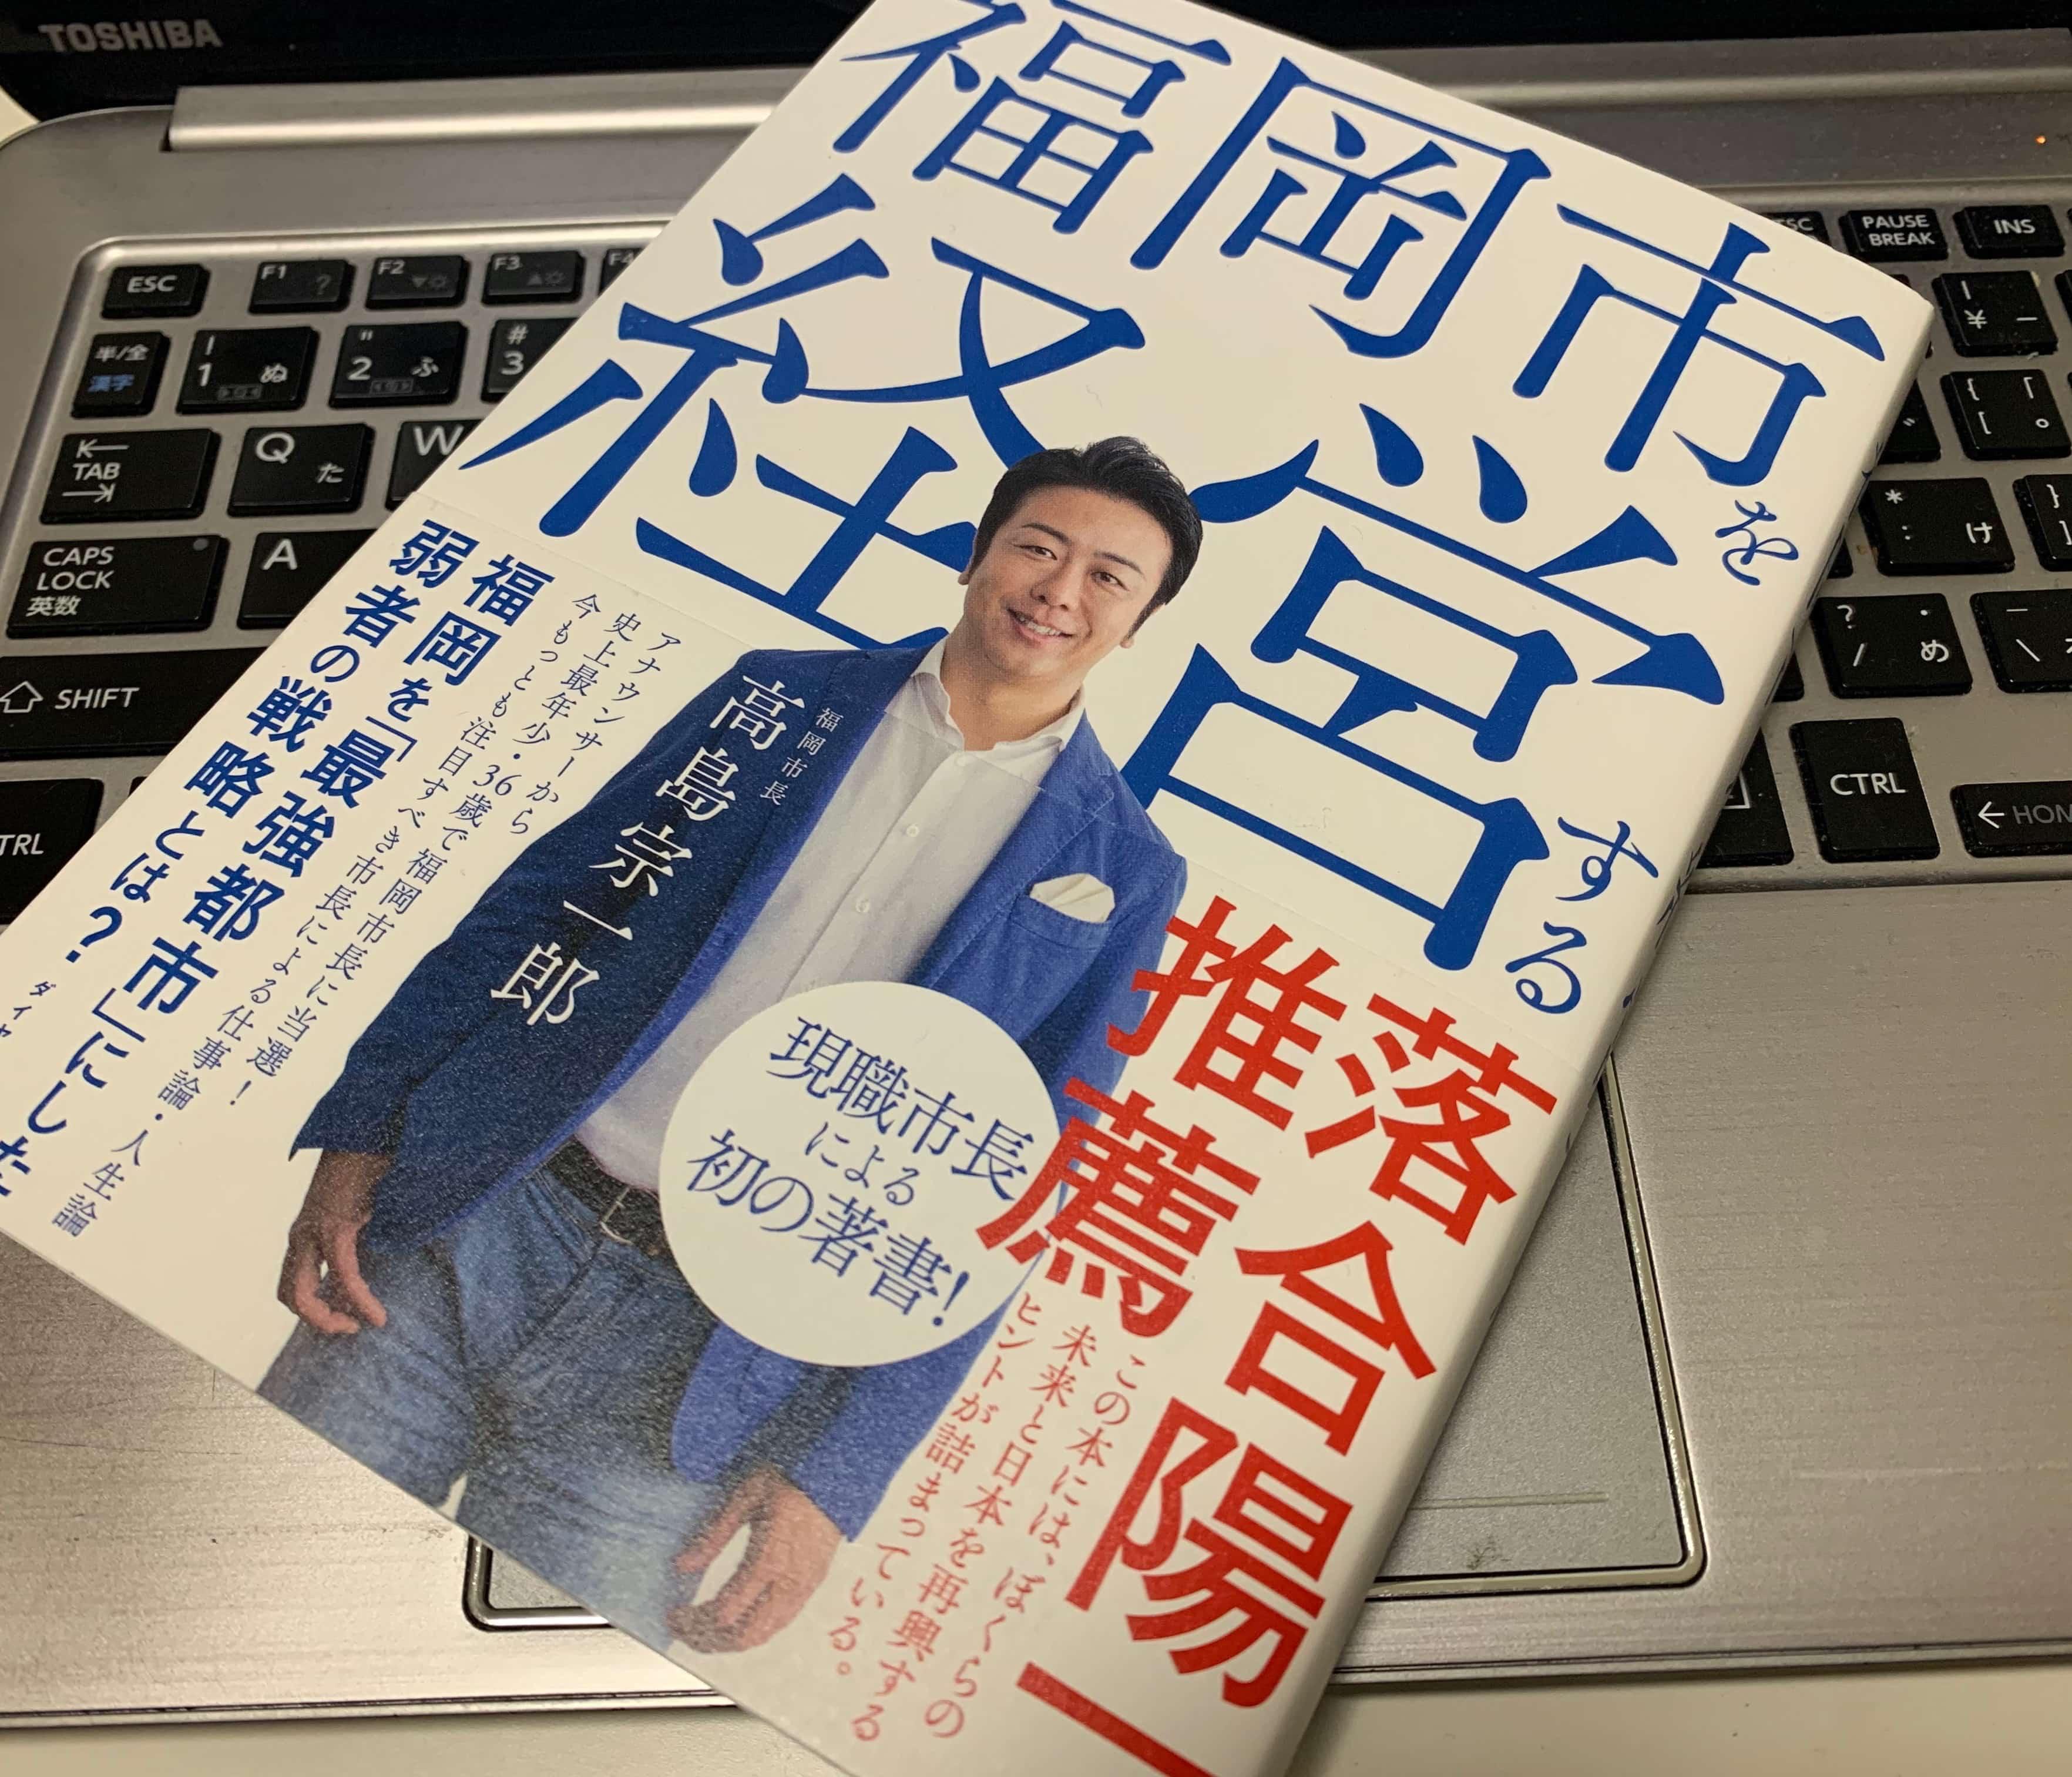 【マネージャー必読】『福岡市を経営する』(高島宗一郎)秀逸なマネジメントの参考書【書評・レビュー】